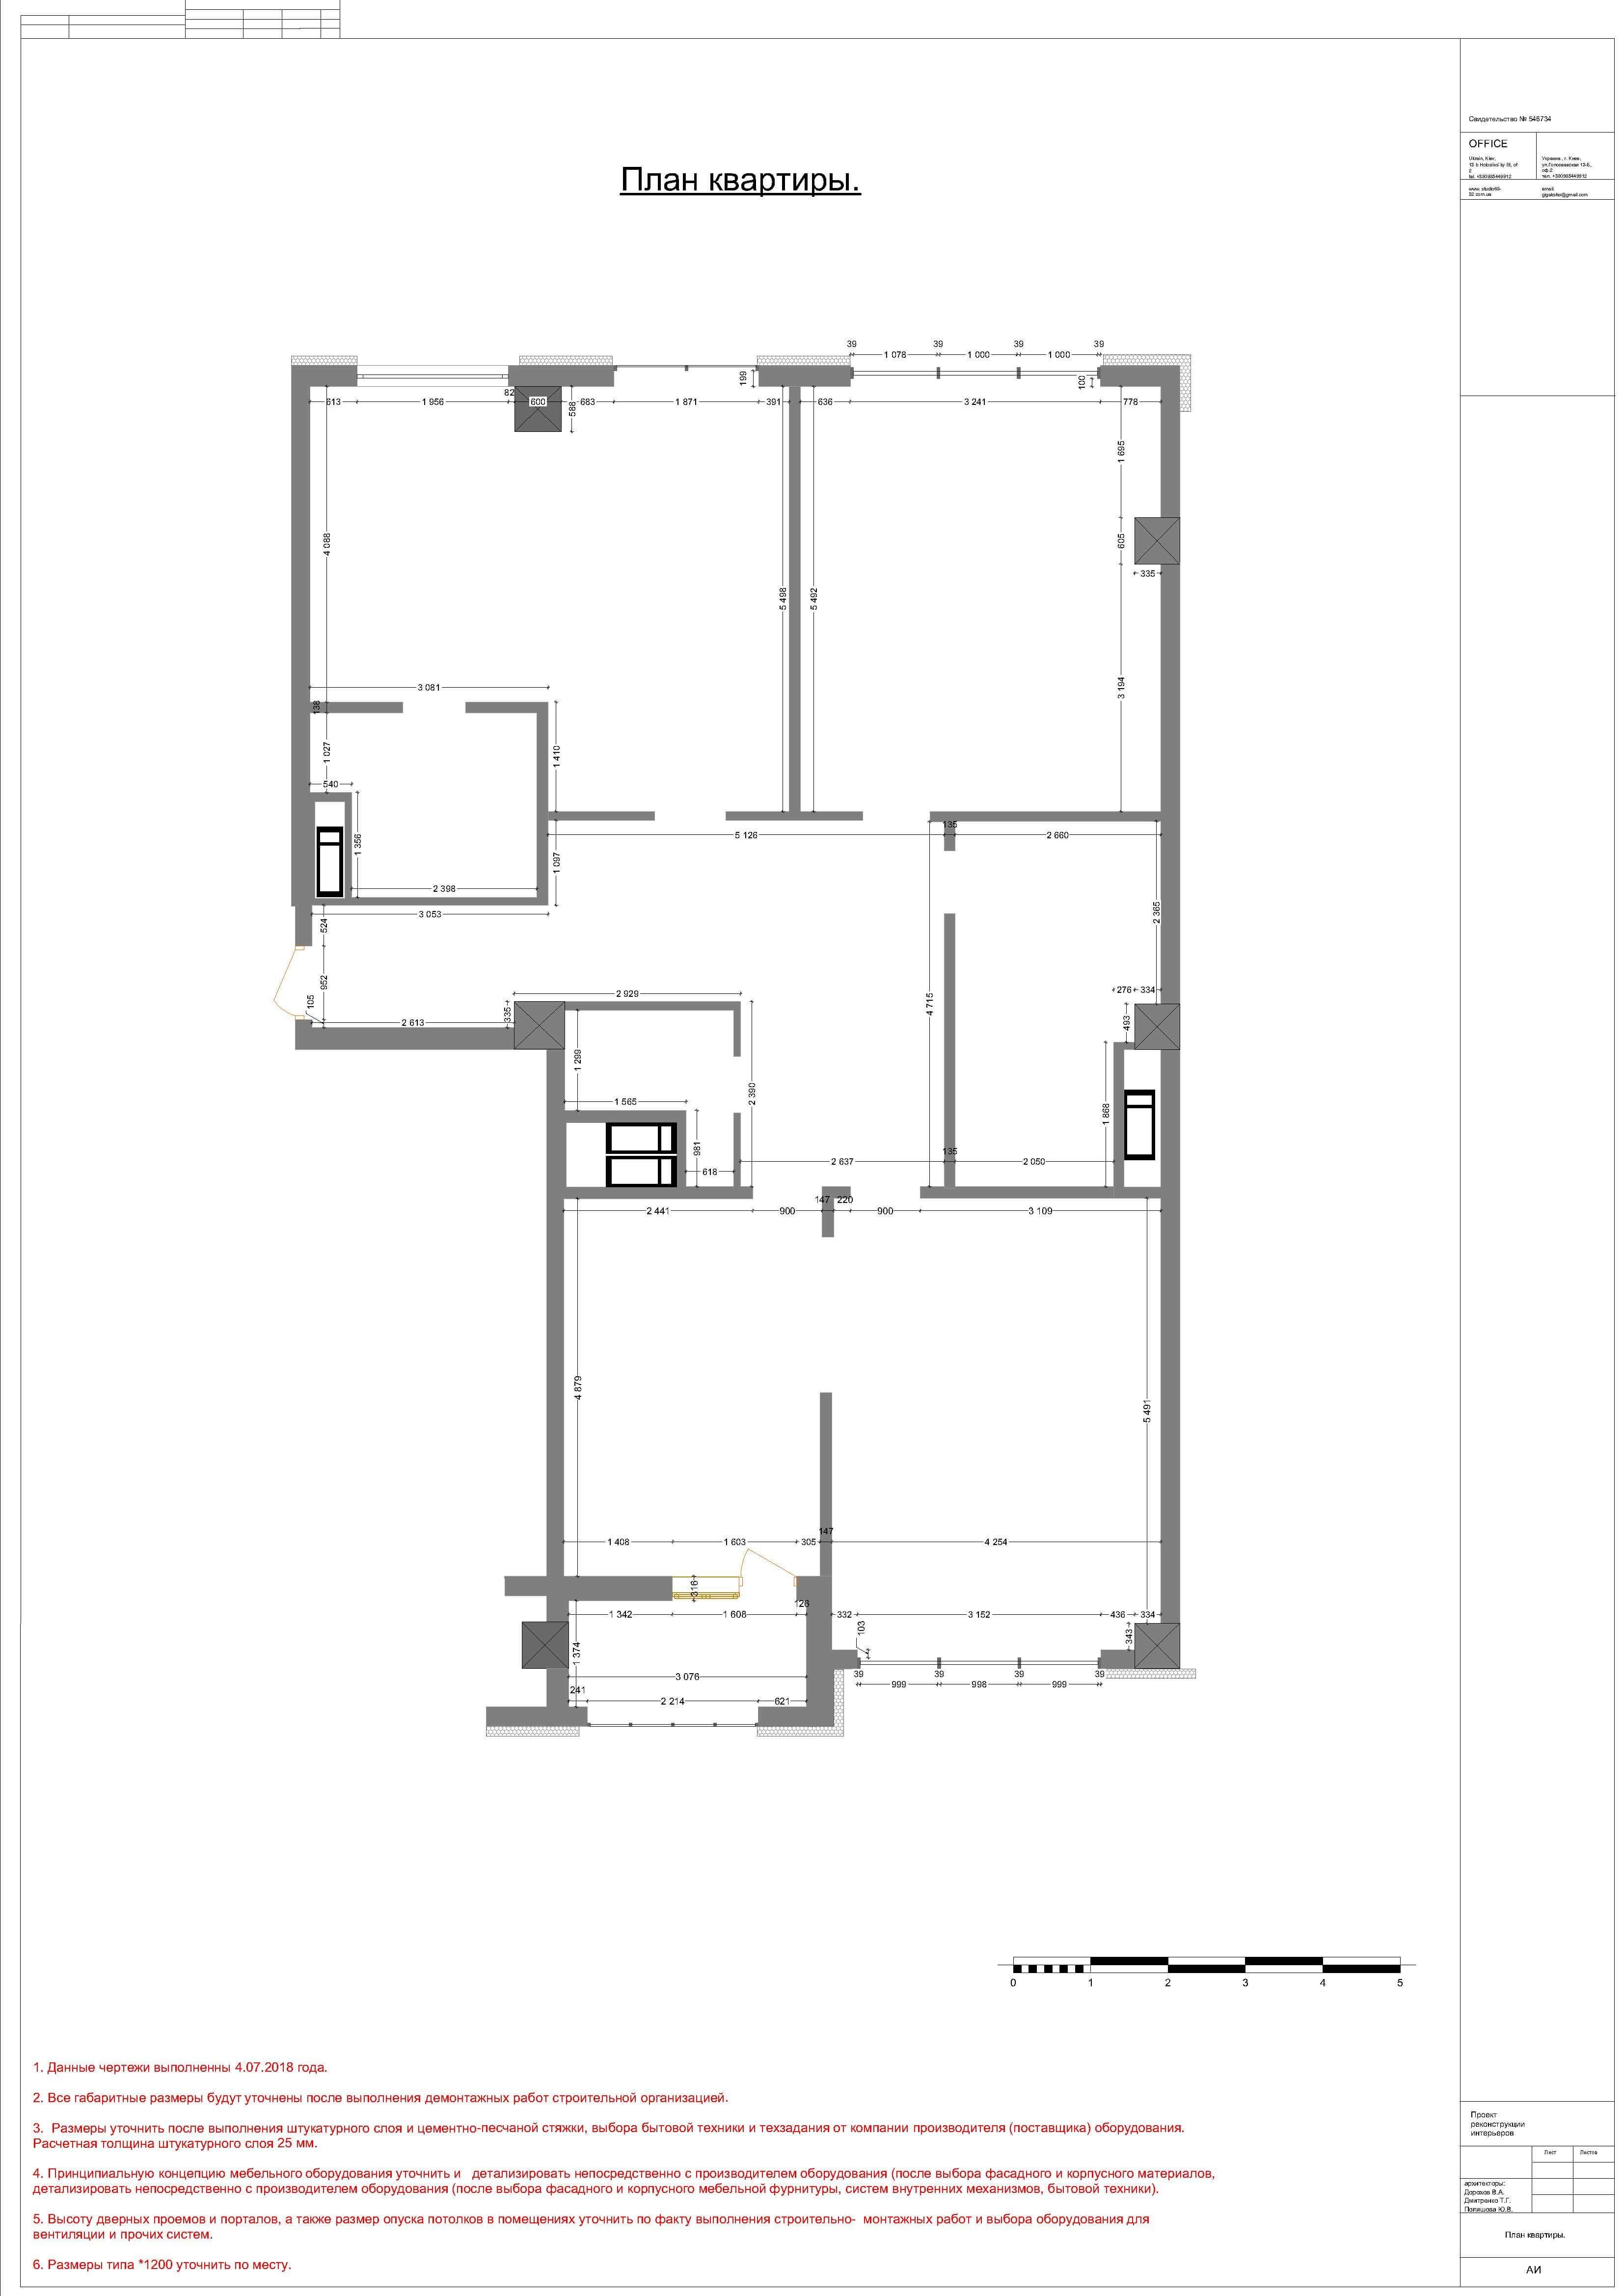 Проект Бульвар Фонтанов квартира 1.-plan